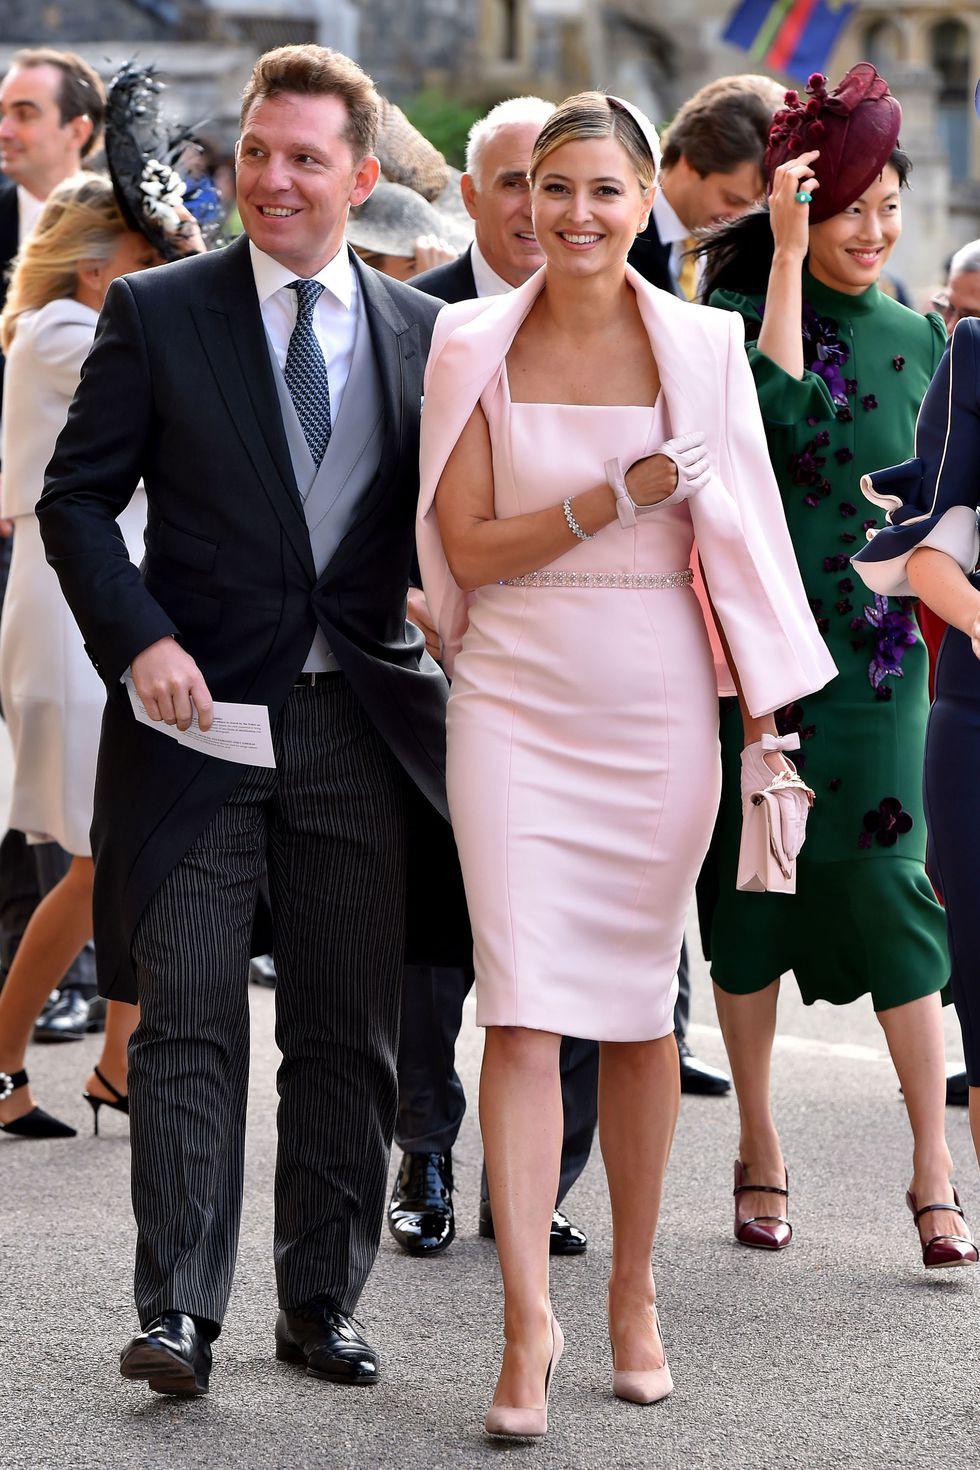 Đám cưới Công chúa Eugenie: Cara Delevingne chơi trội diện đồ nam, làm lu mờ cả Công nương Kate và Meghan - Ảnh 14.